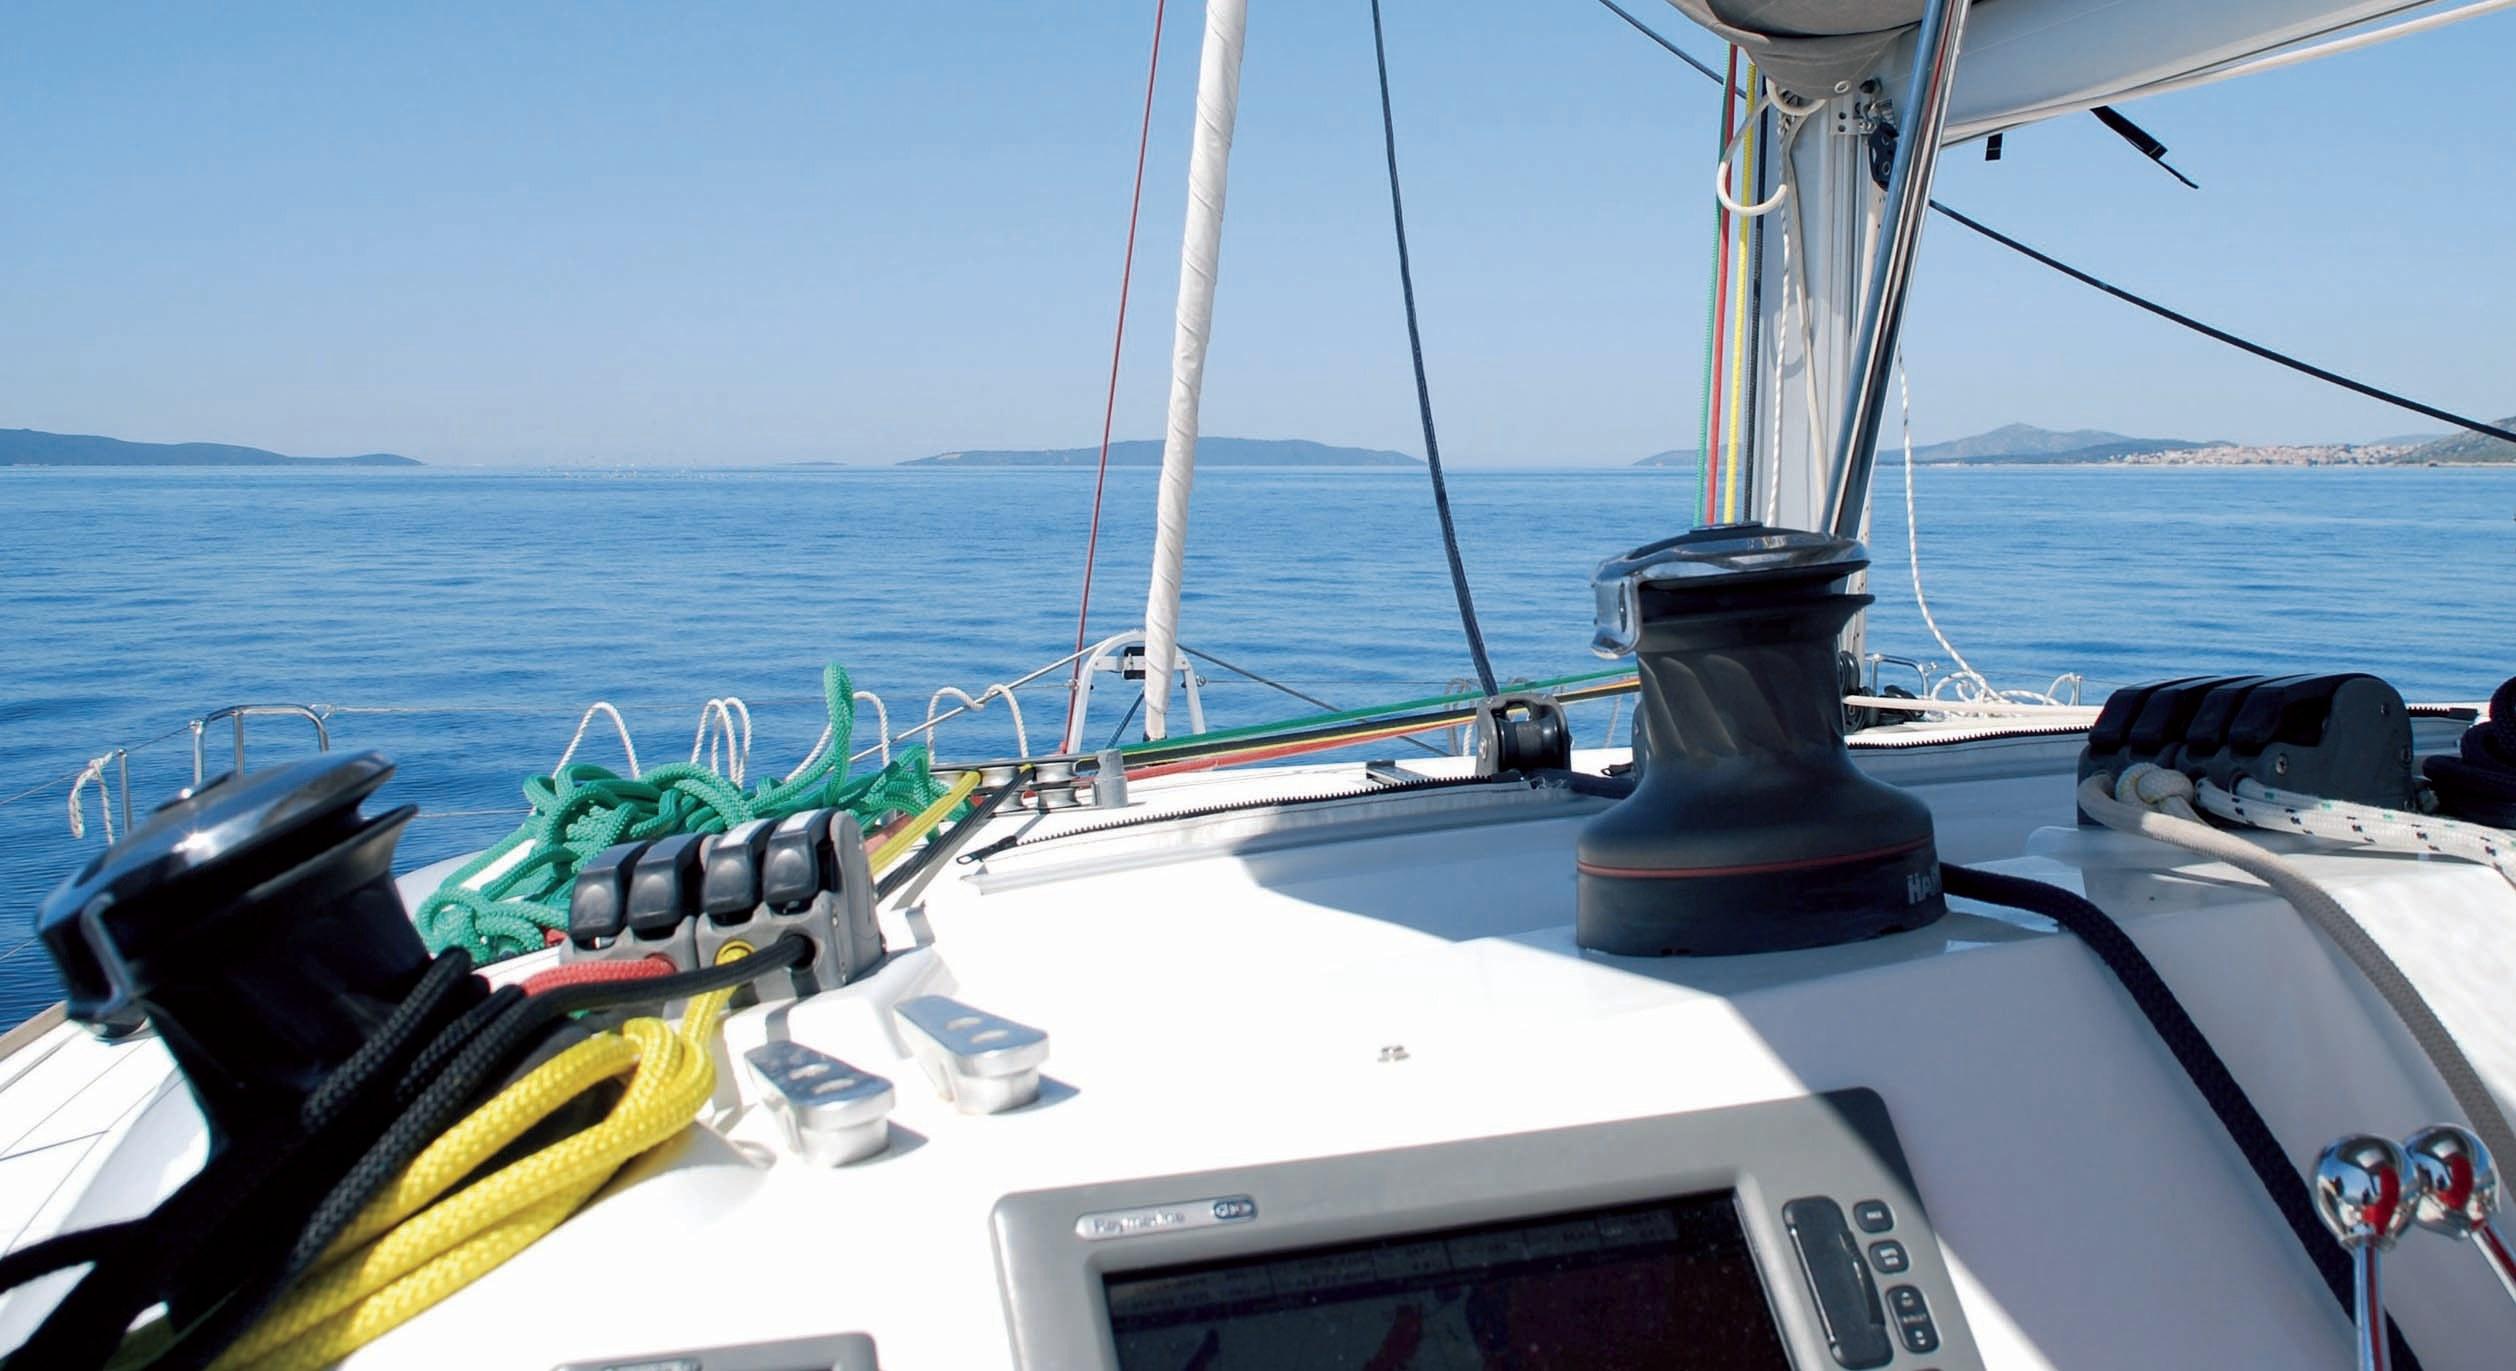 nIS za sigurnost na moru